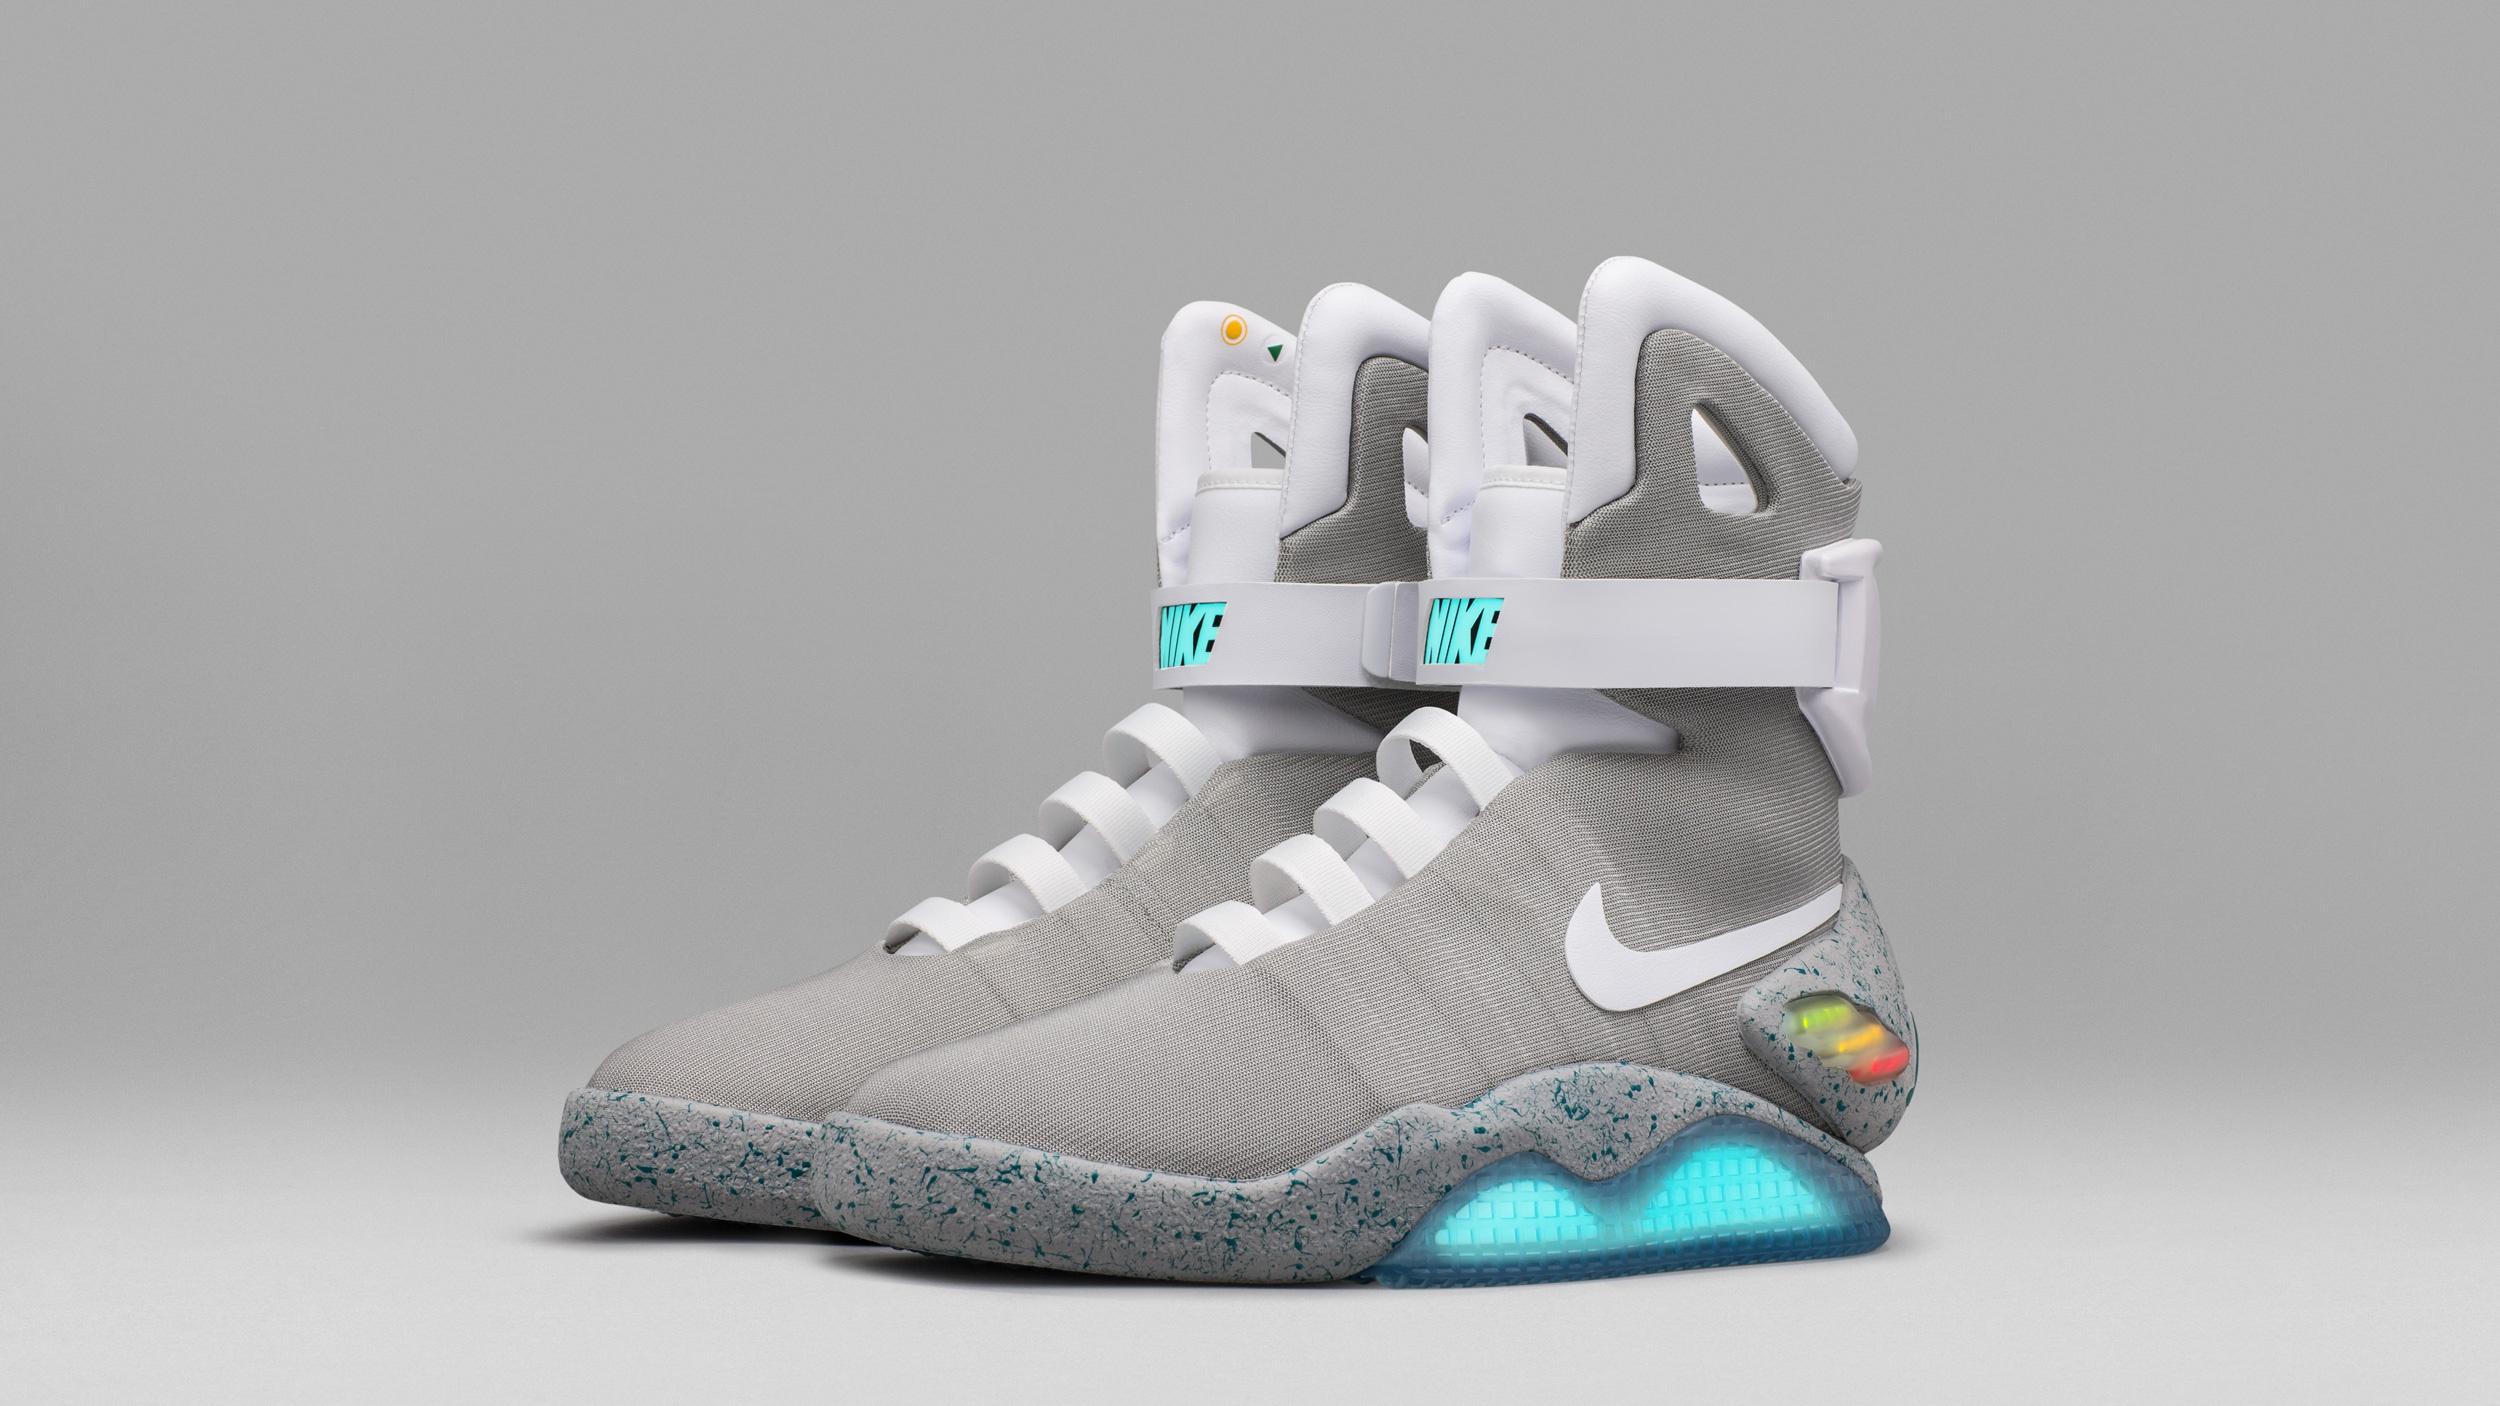 varietà di stili del 2019 nuovo stile chiaro e distintivo I thought Nike's self-lacing HyperAdapt sneakers were a gimmick ...